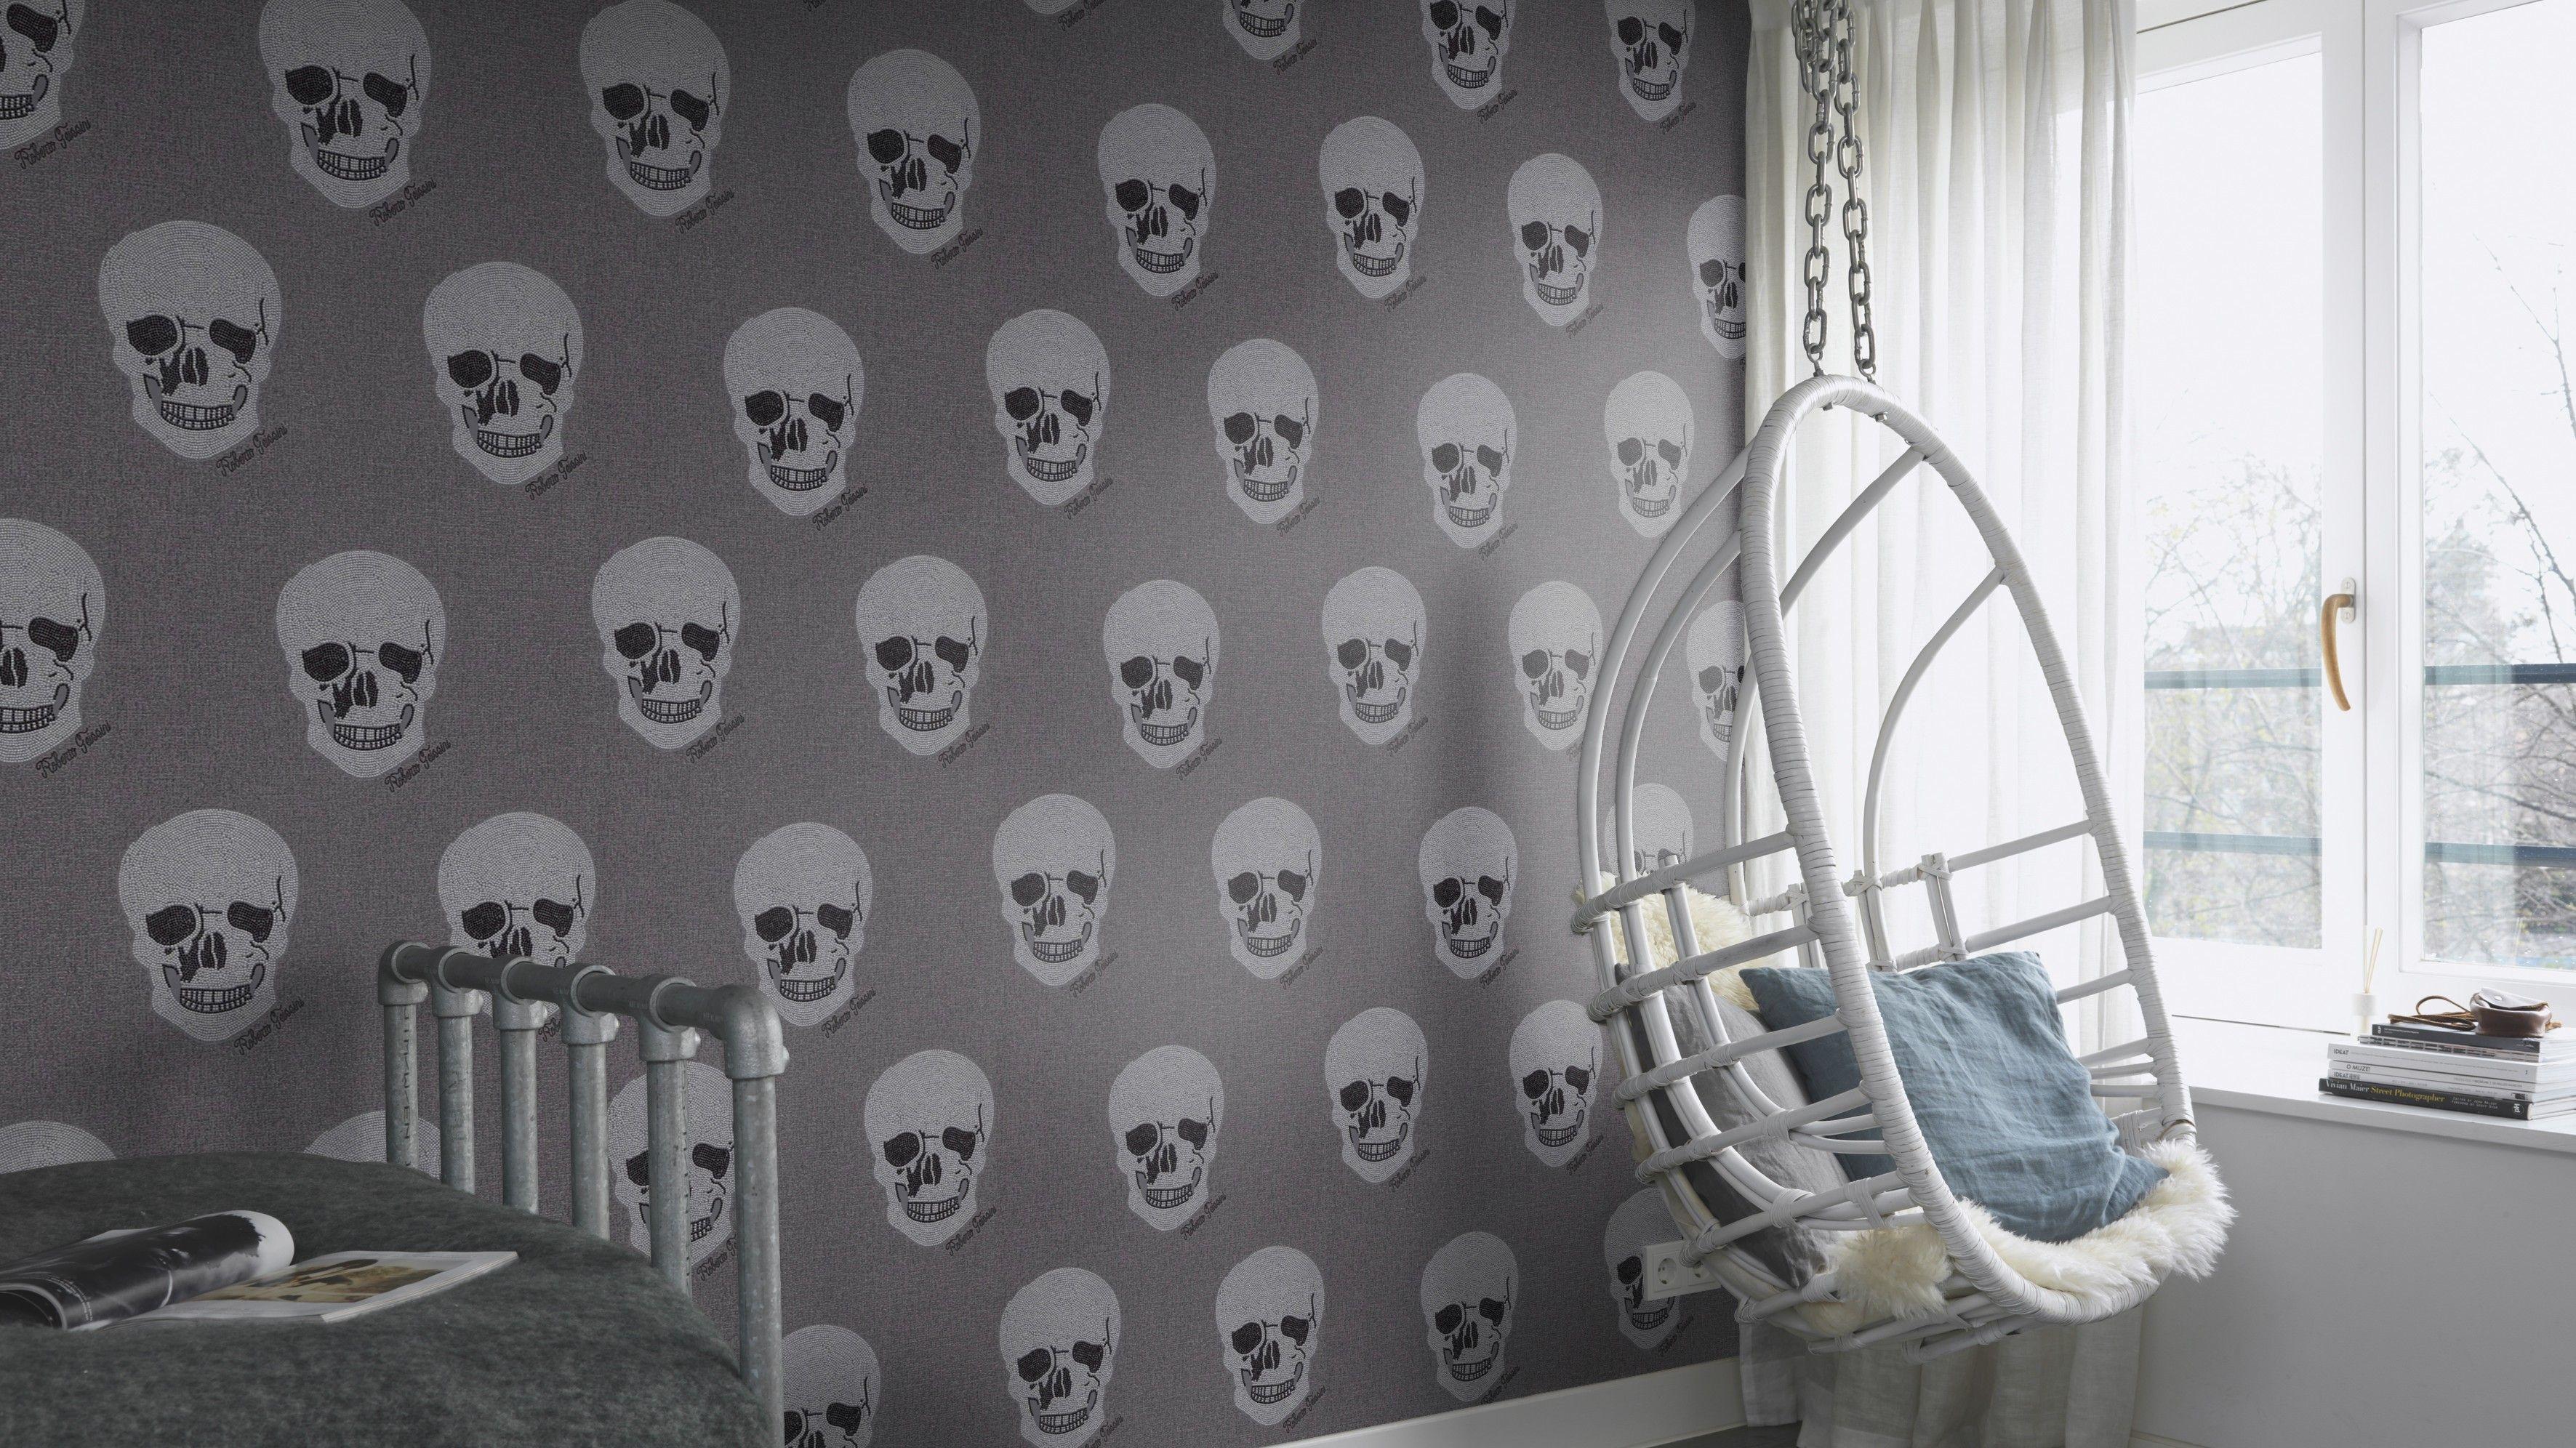 Best Roberto Geissini Skulls Wallpaper Skull Wallpaper King 400 x 300